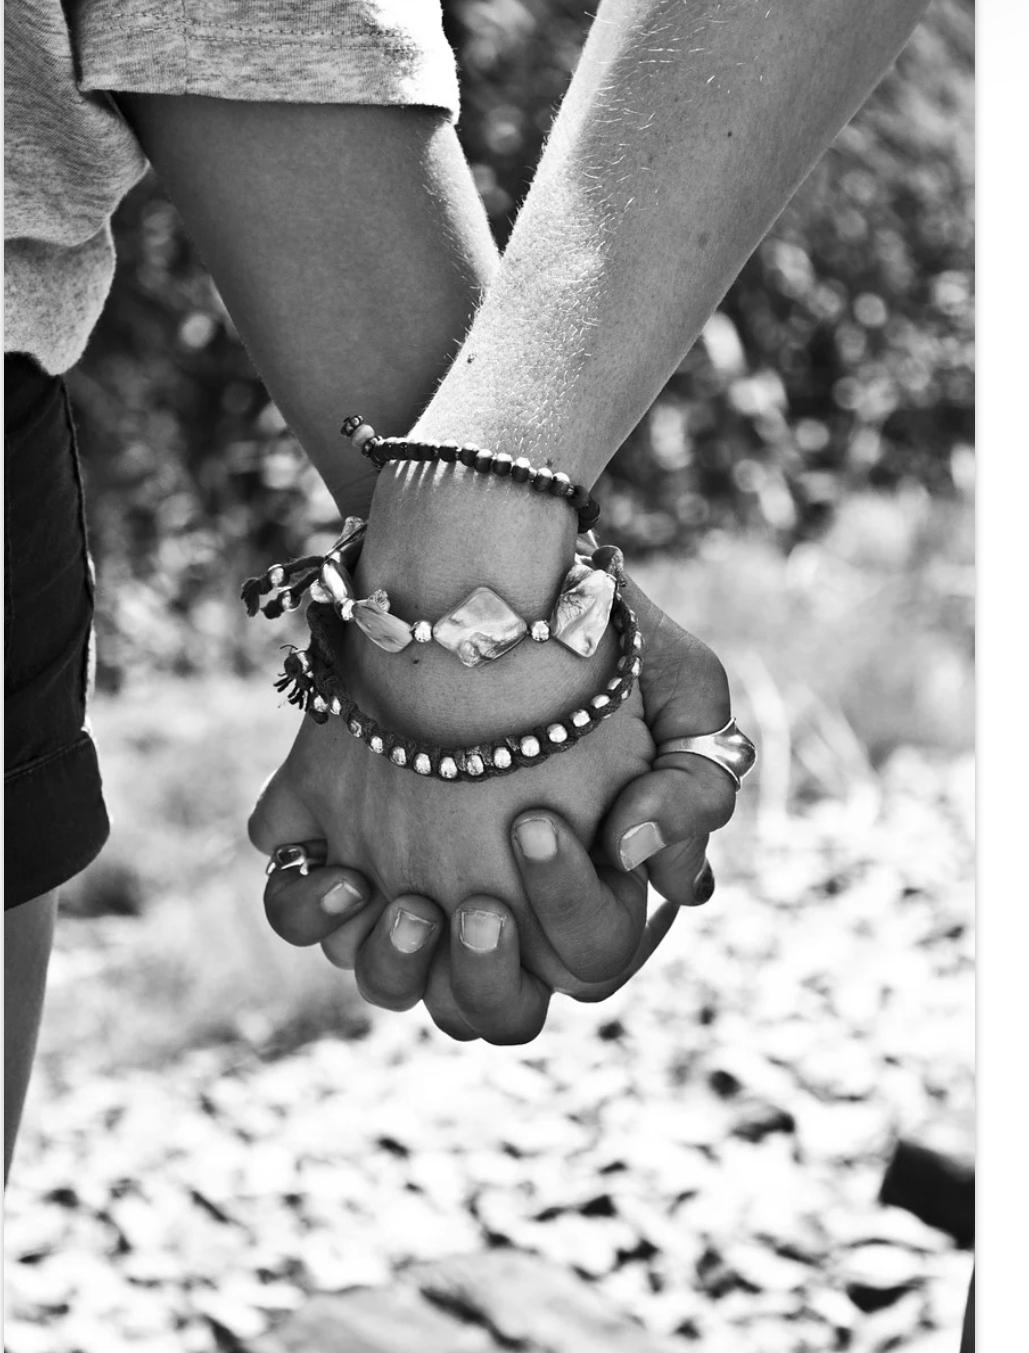 नातं मैत्रीच्या पलीकडे आणि प्रेमाच्या अलिकडे भाग १३